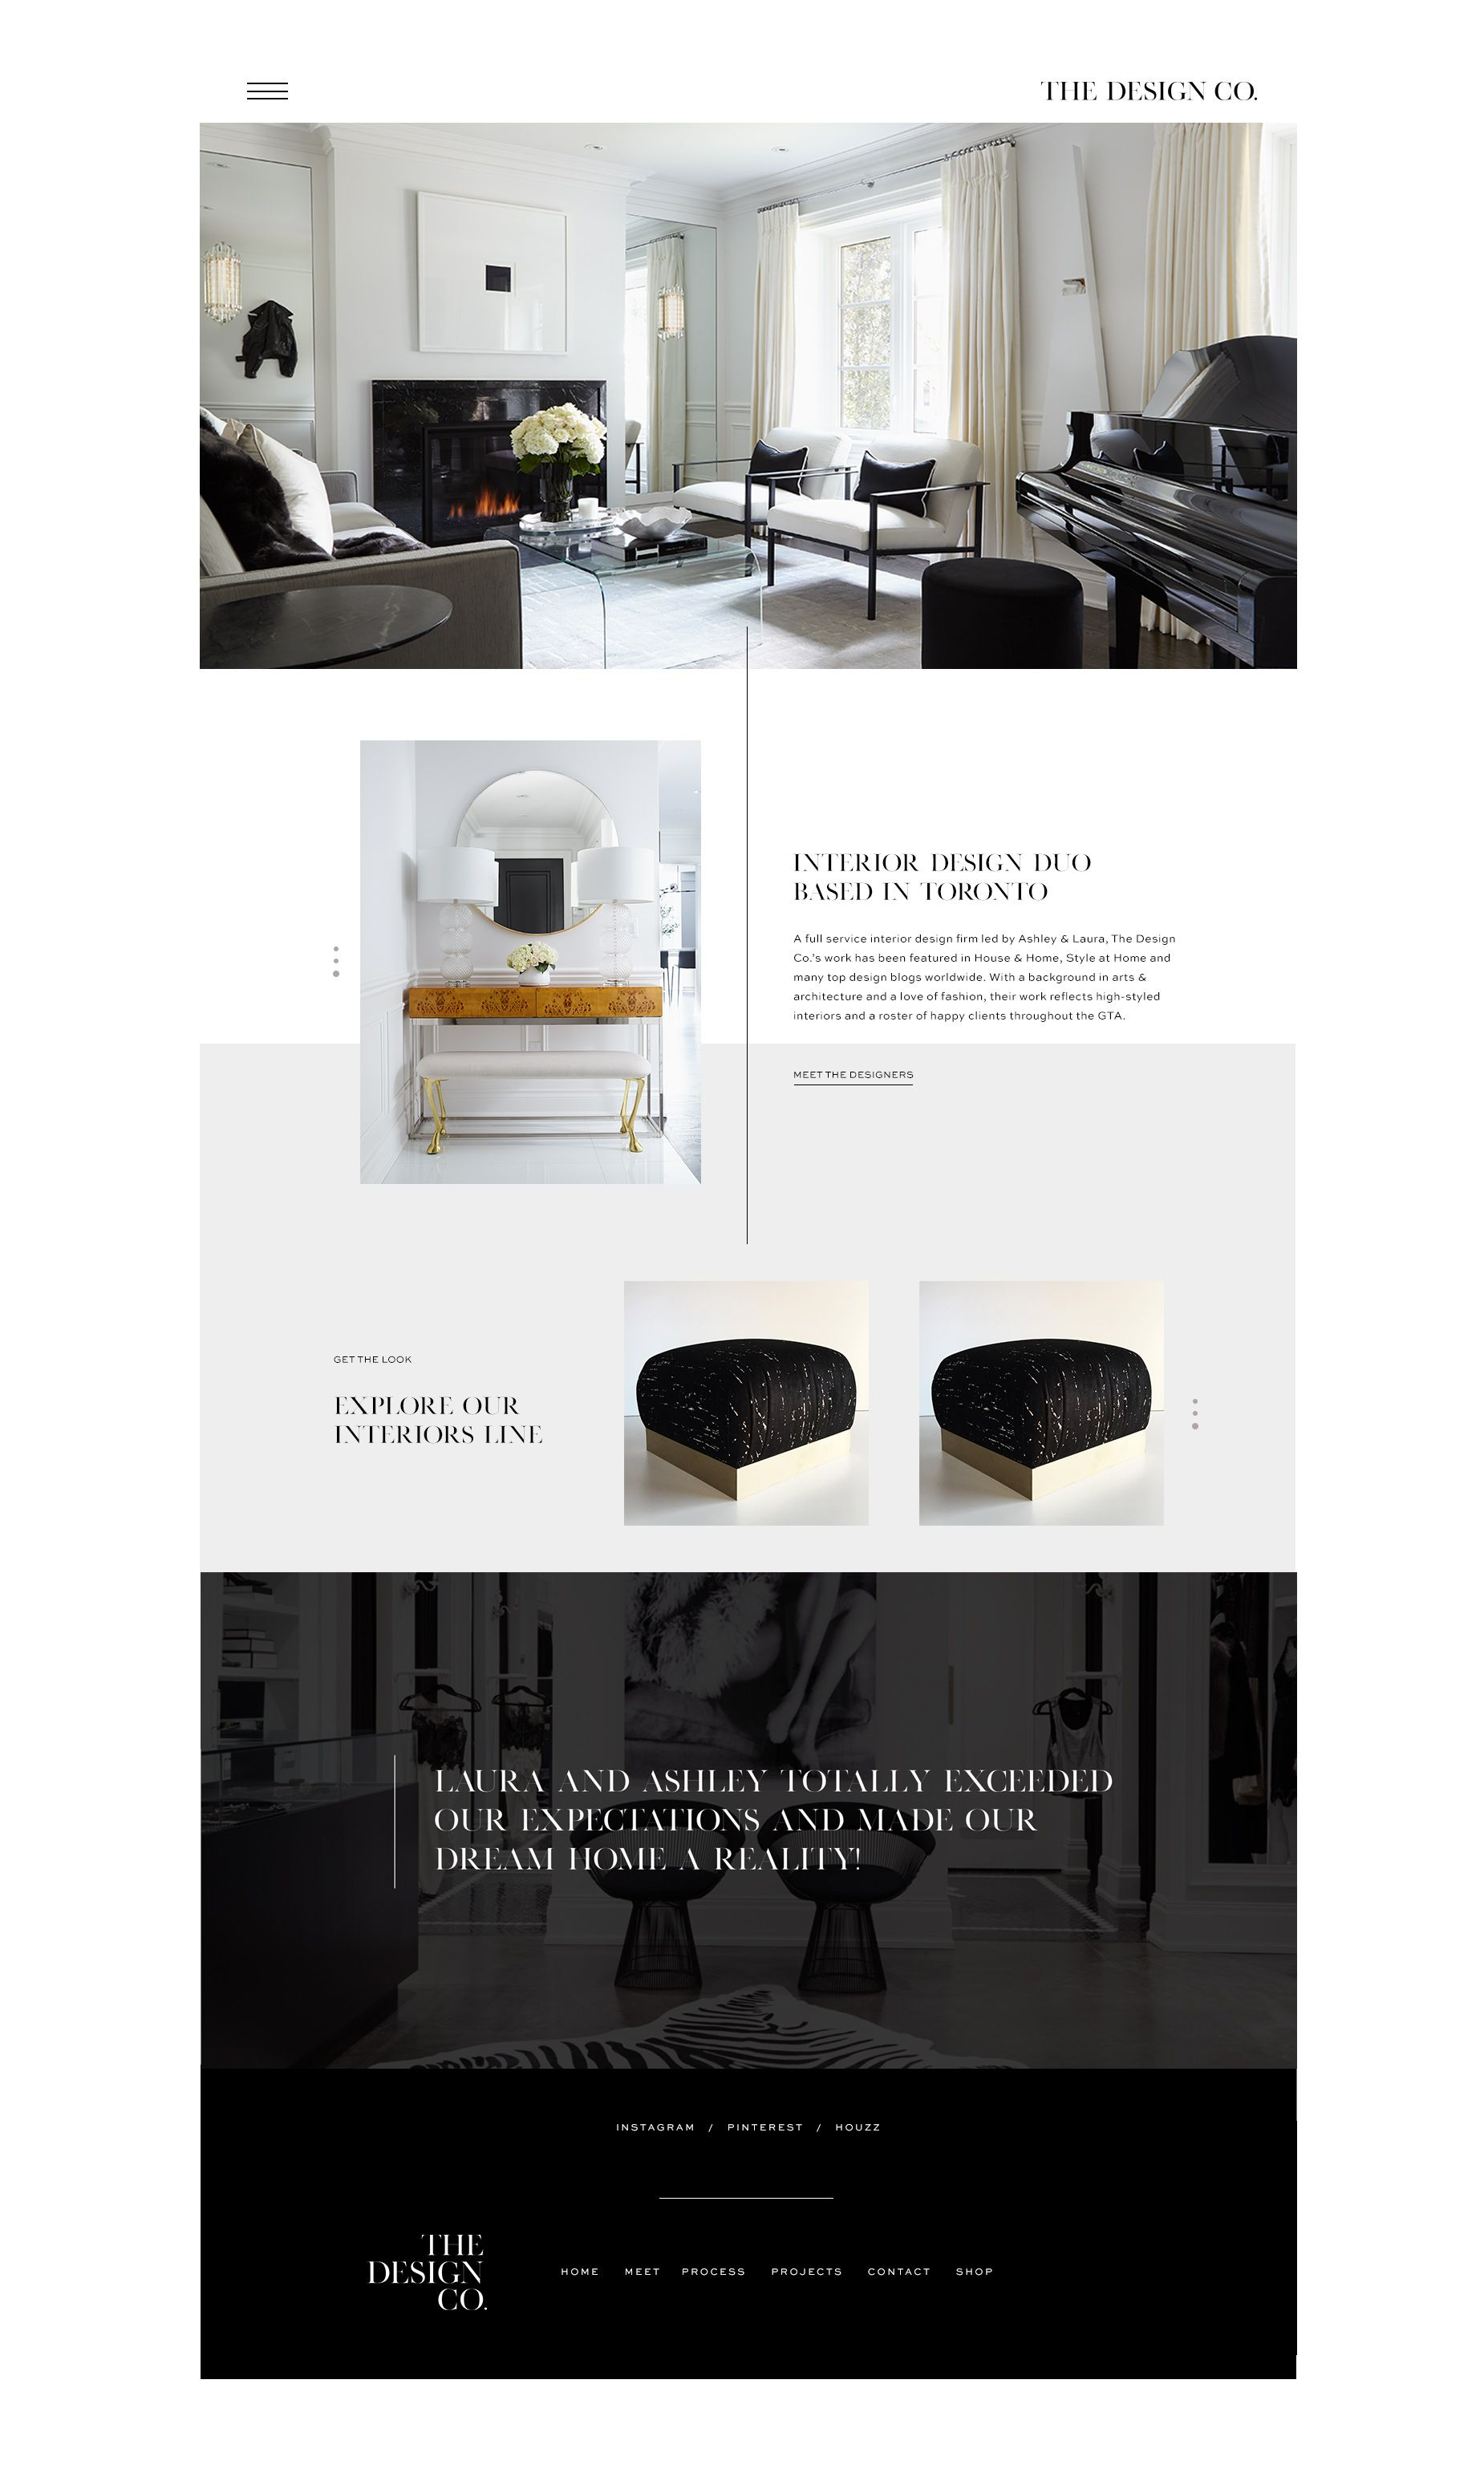 Launch The Design Co Interior Design Website Interior Design